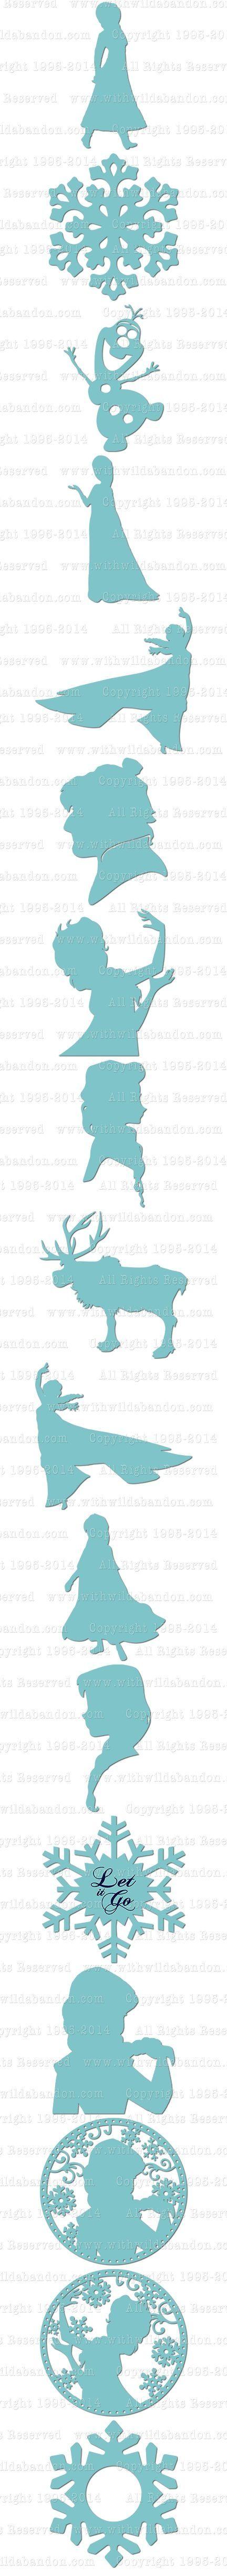 432x4909 Frozen Svg, Frozen Silhouettes, Anna Svg, Elsa Svg, Anna